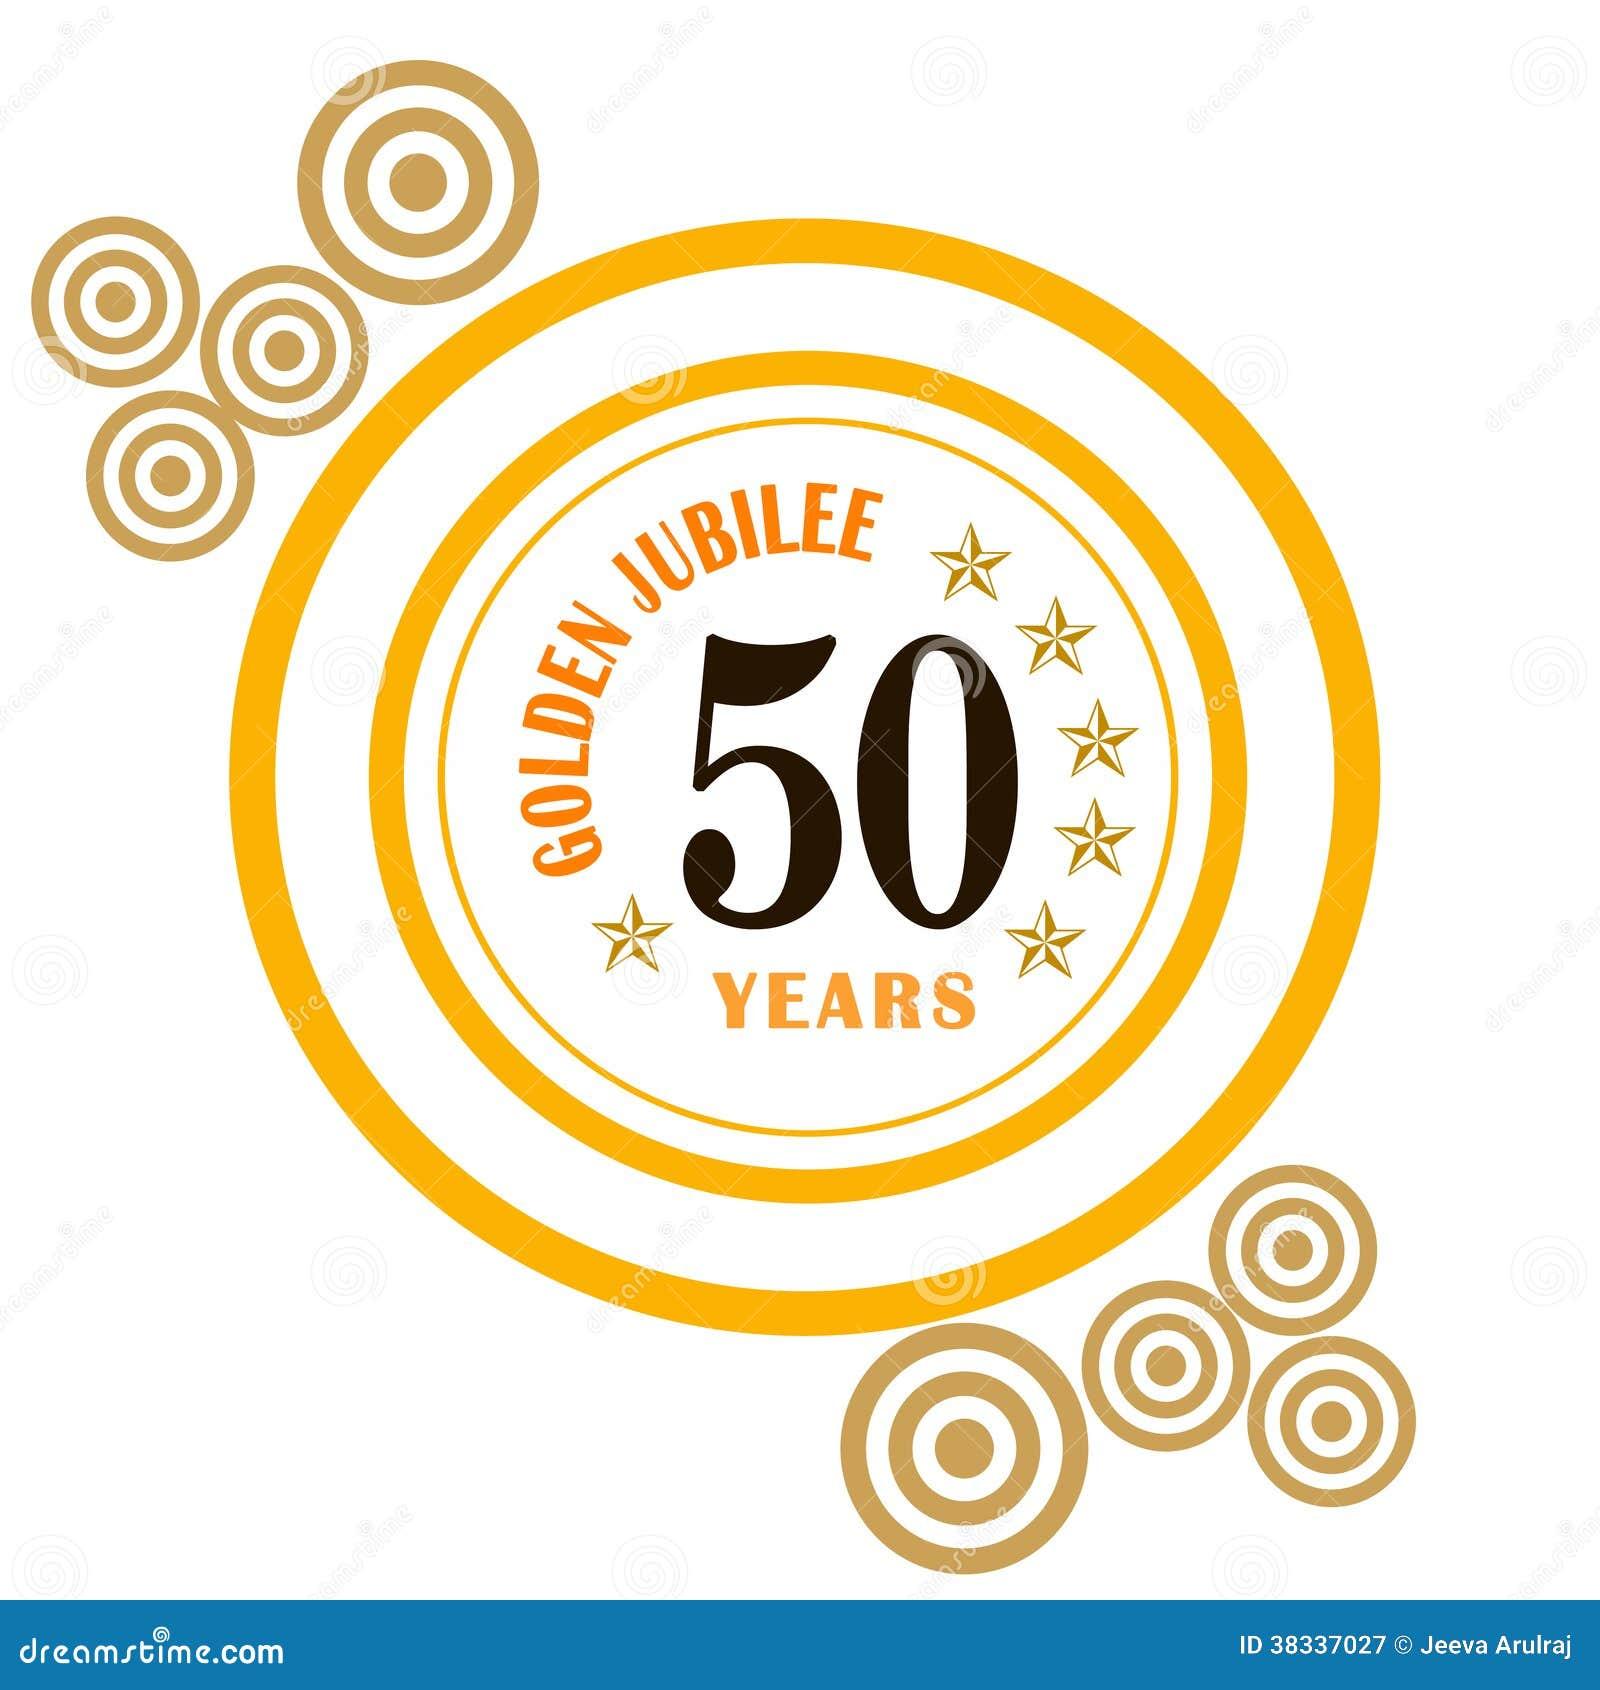 Golden jubilee stock illustration illustration of anniversary golden jubilee kristyandbryce Choice Image